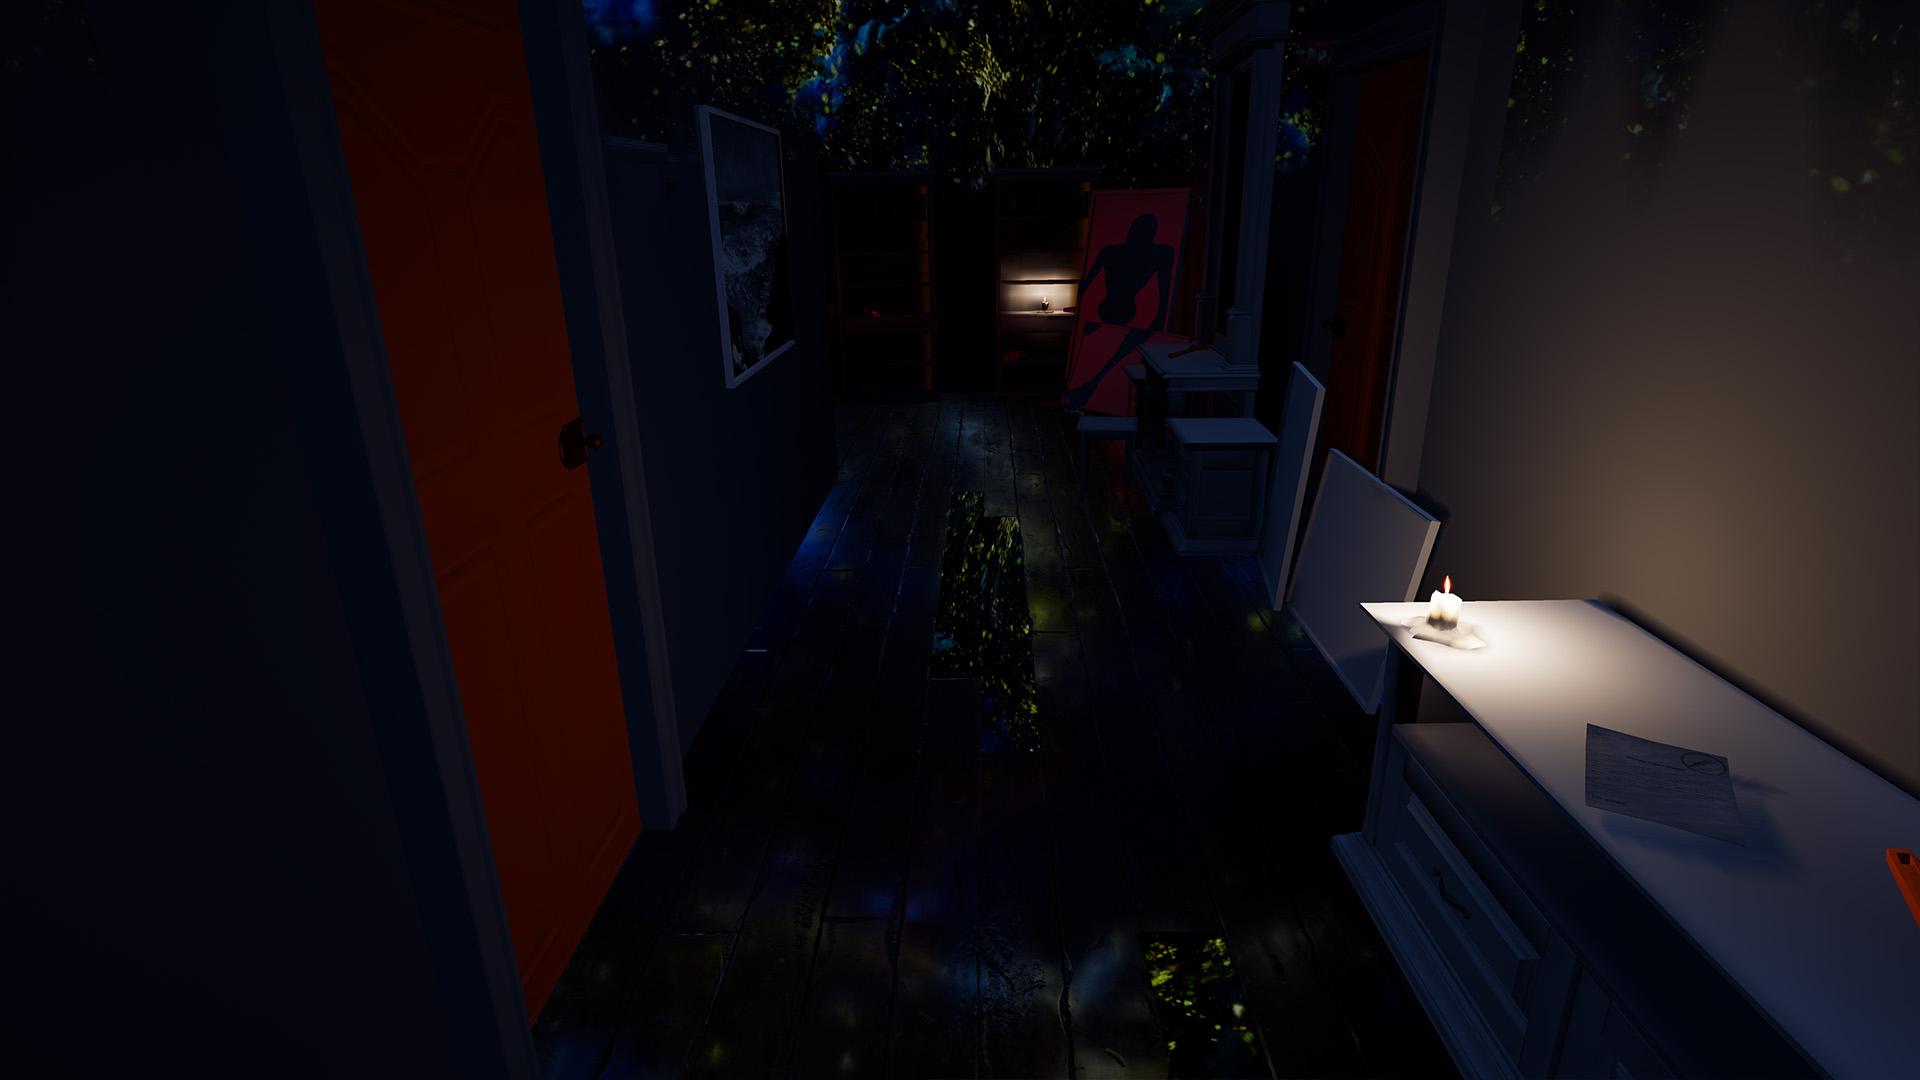 Dark hallway with zombie